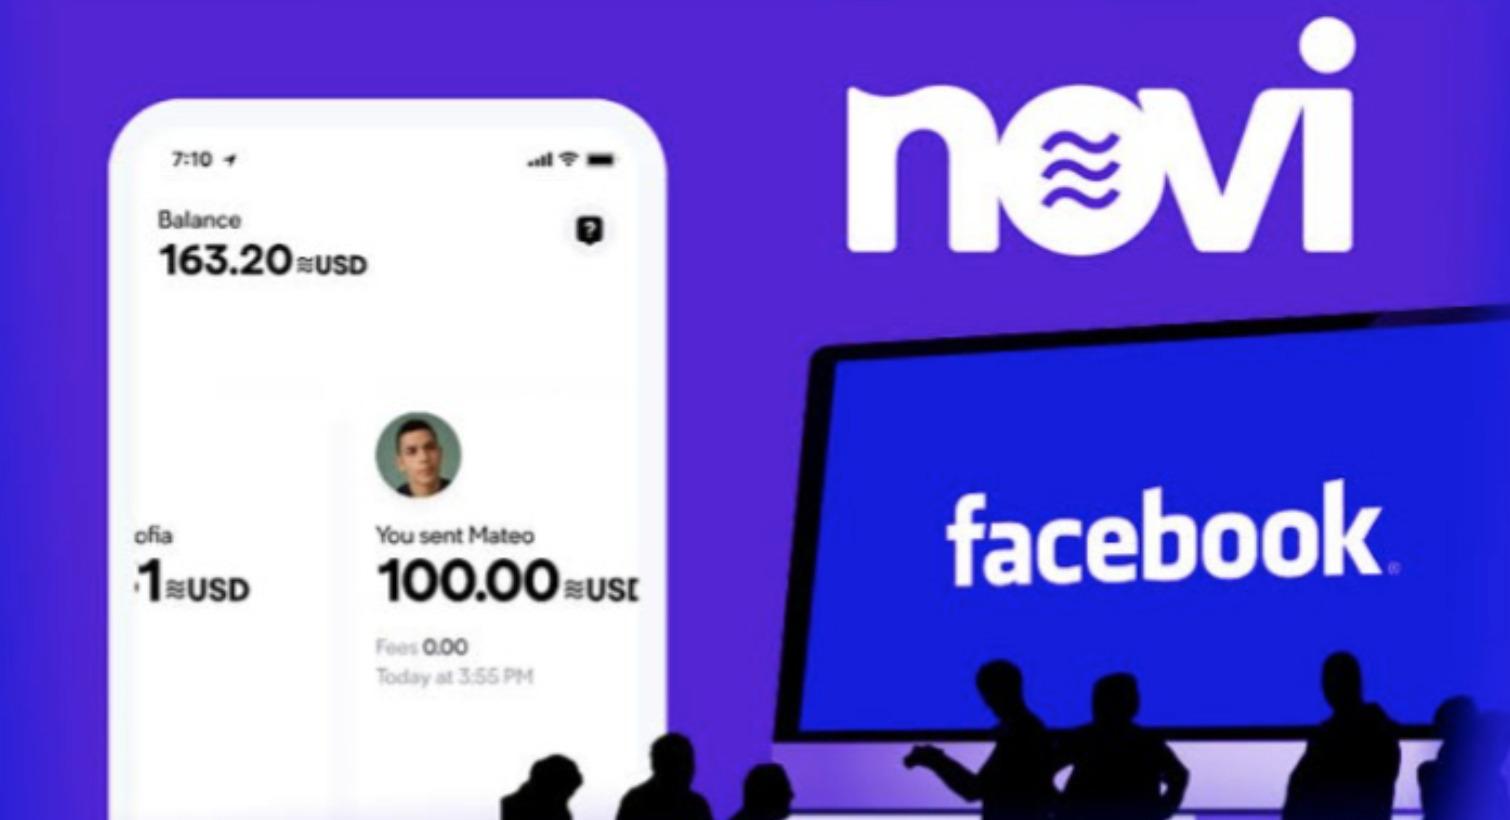 Ví điện tử Novi là một phần trong kế hoạch đầy tham vọng của Facebook vào lĩnh vực tiền điện tử. Ảnh: @AFP.